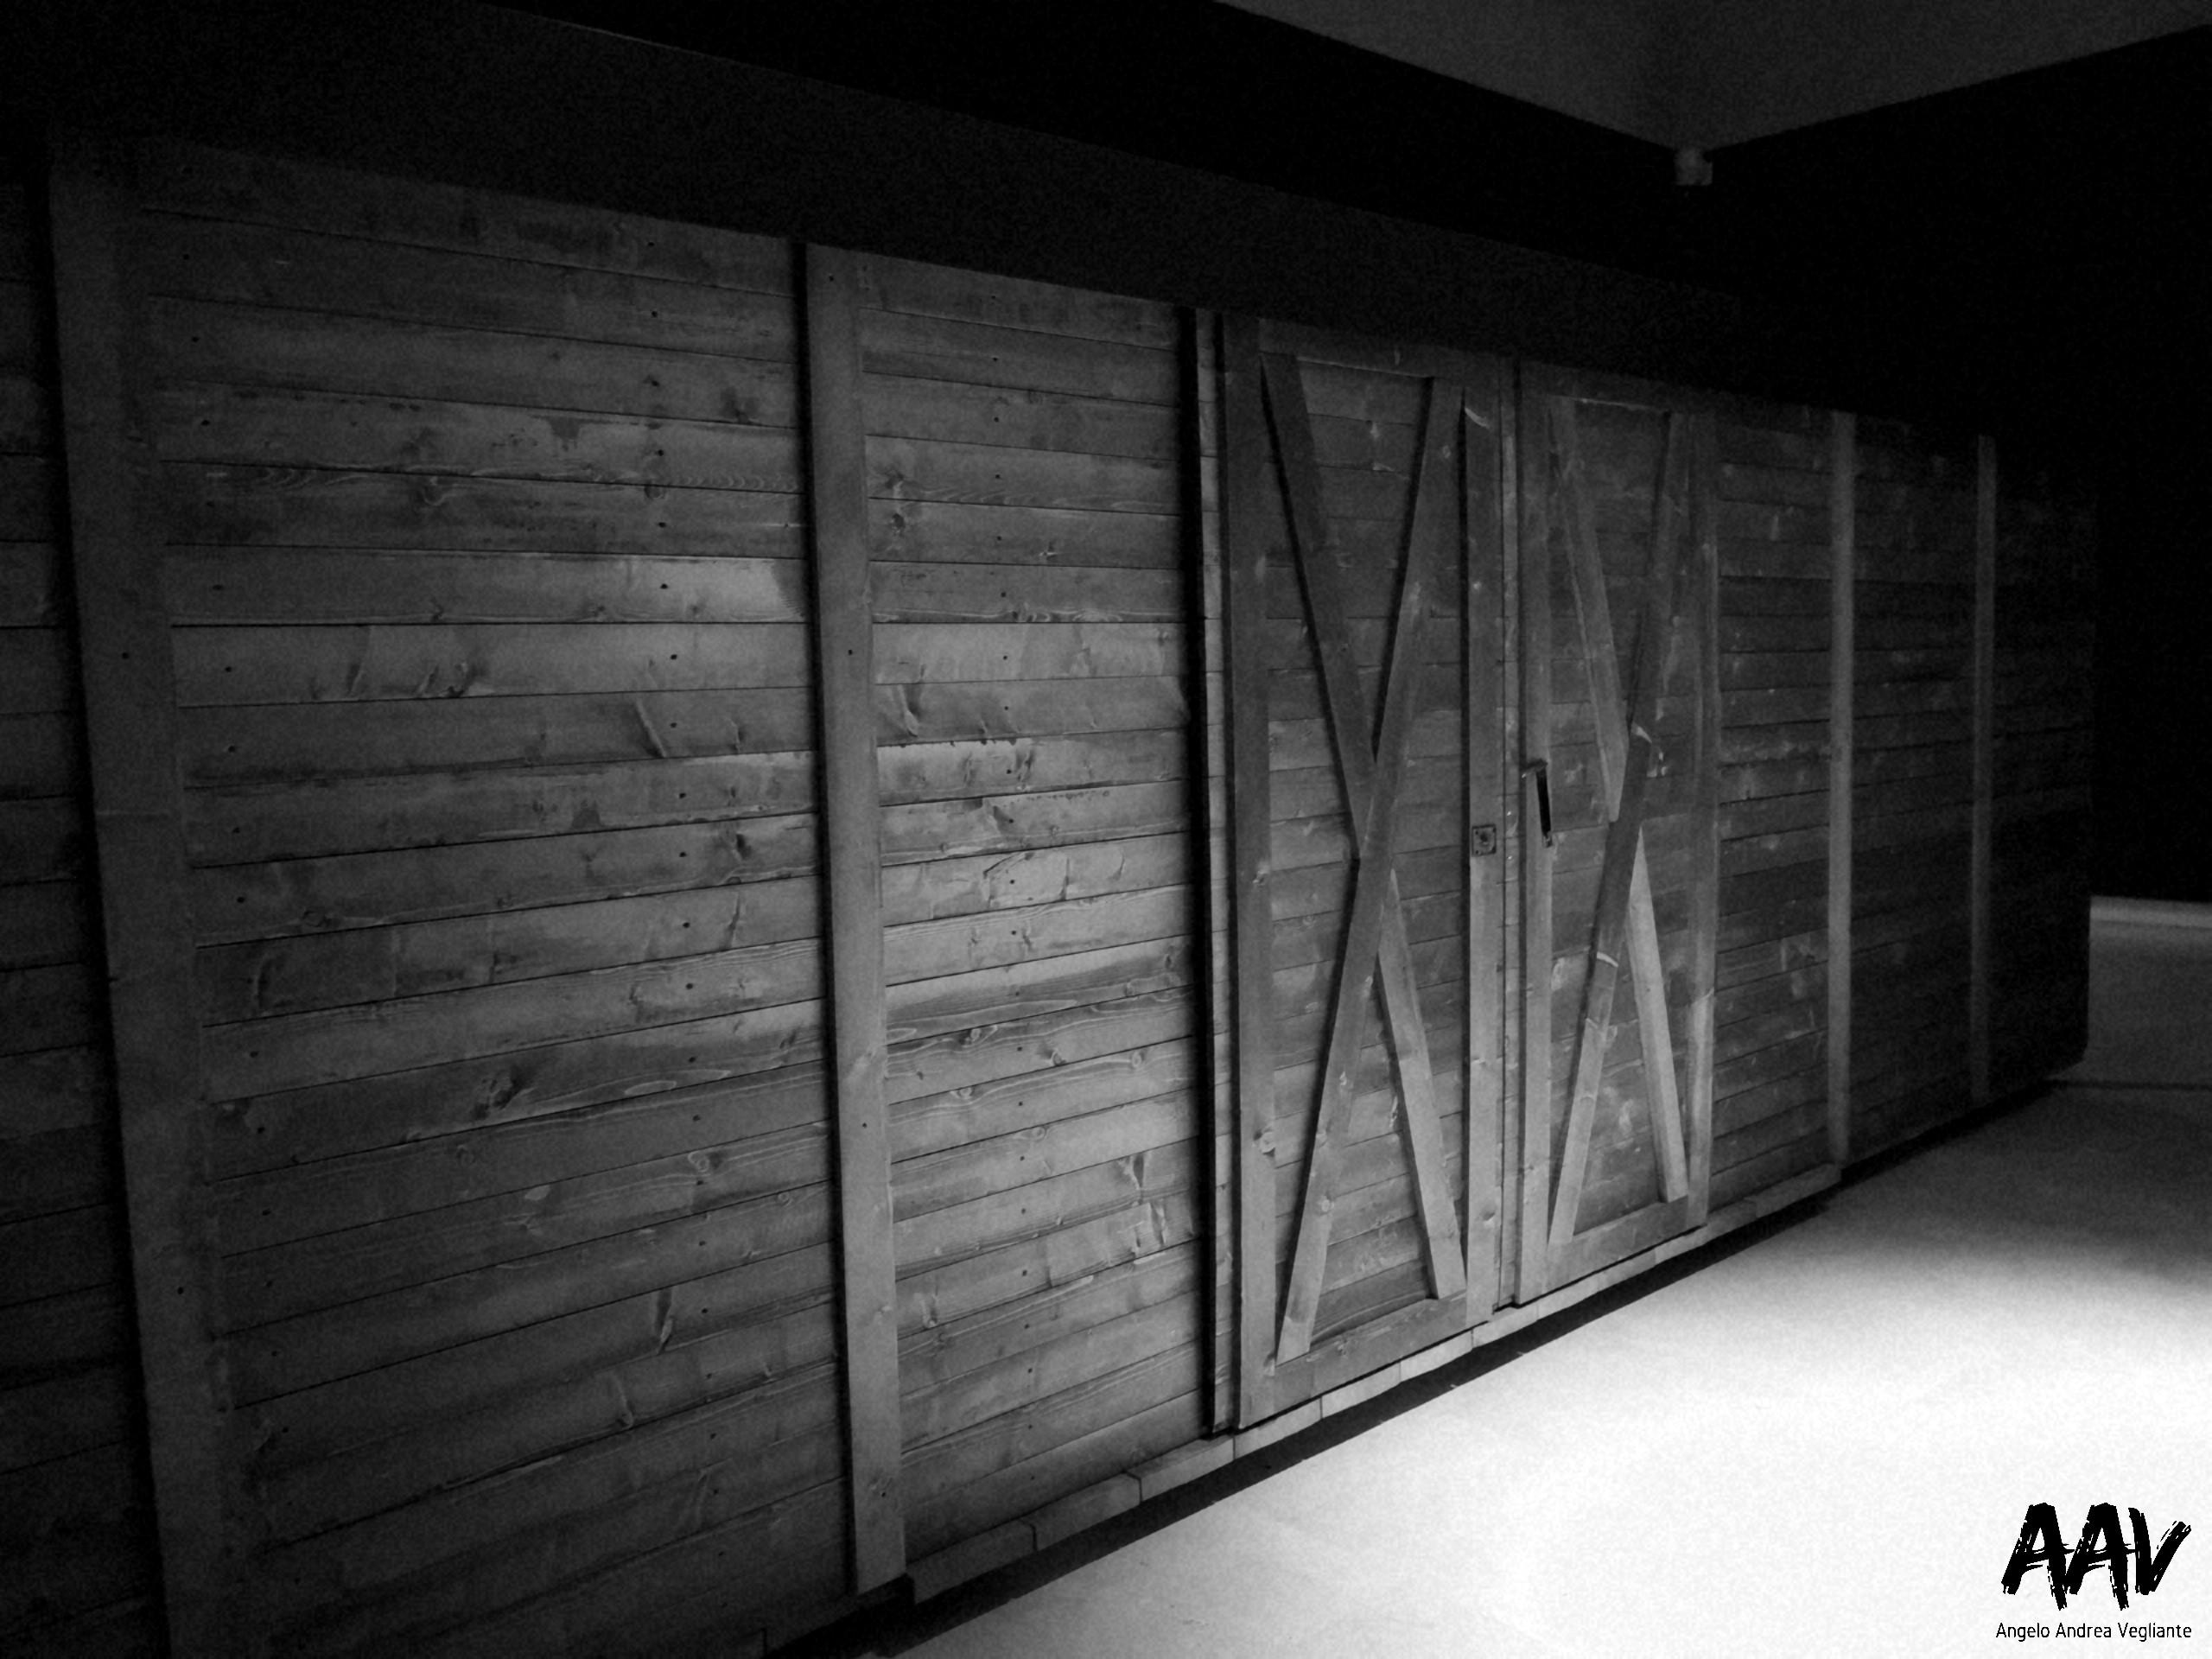 testimoni dei testimoni-angelo andrea vegliante-Auschwitz-Birkenau-campo di concentramento Auschwitz-Birkenau-roma palazzo delle esposizioni-angelo andrea vegliante-colui che veglia